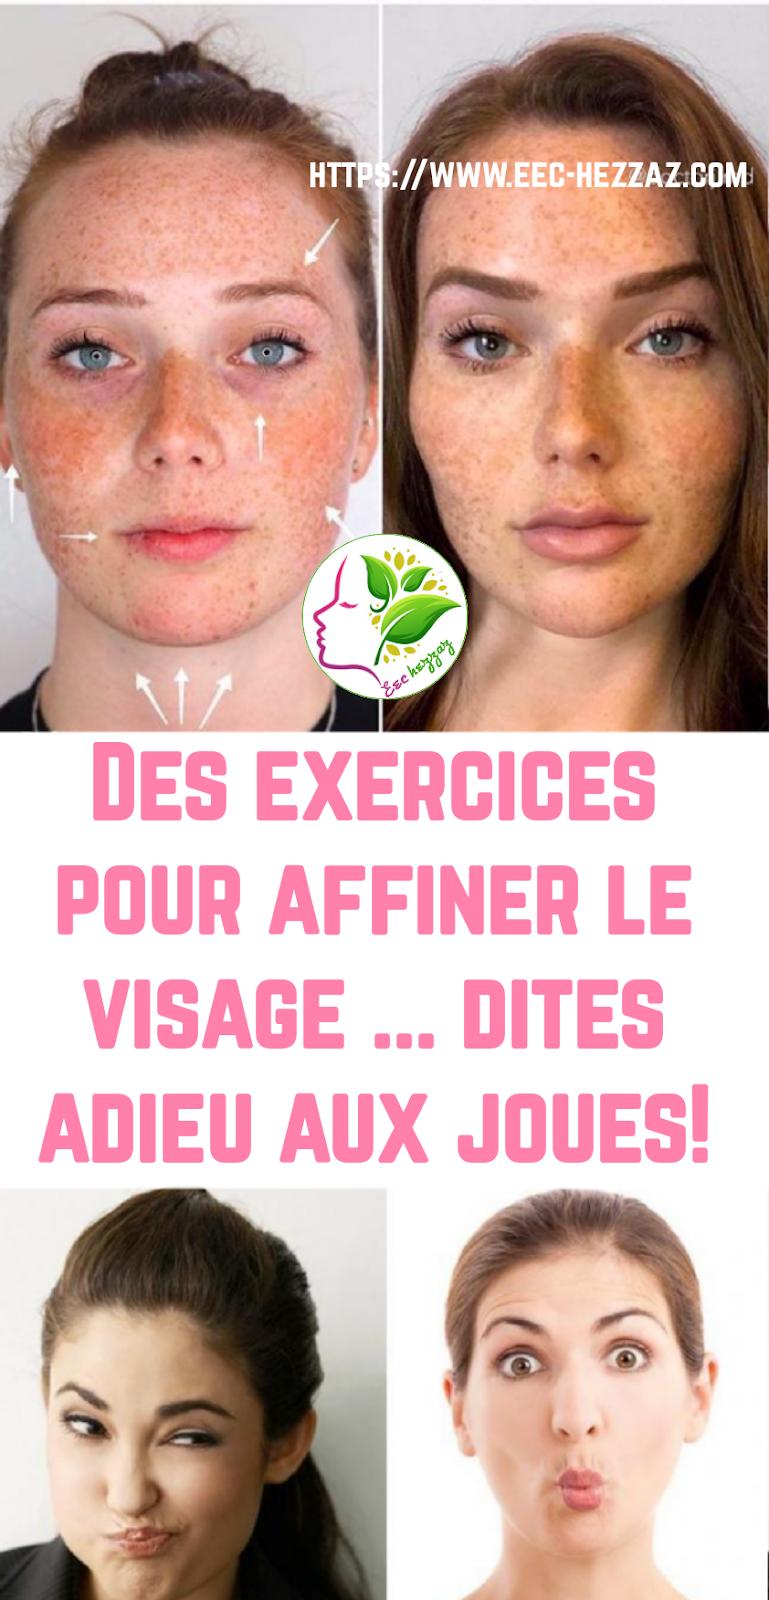 Des exercices pour affiner le visage ... dites adieu aux joues!